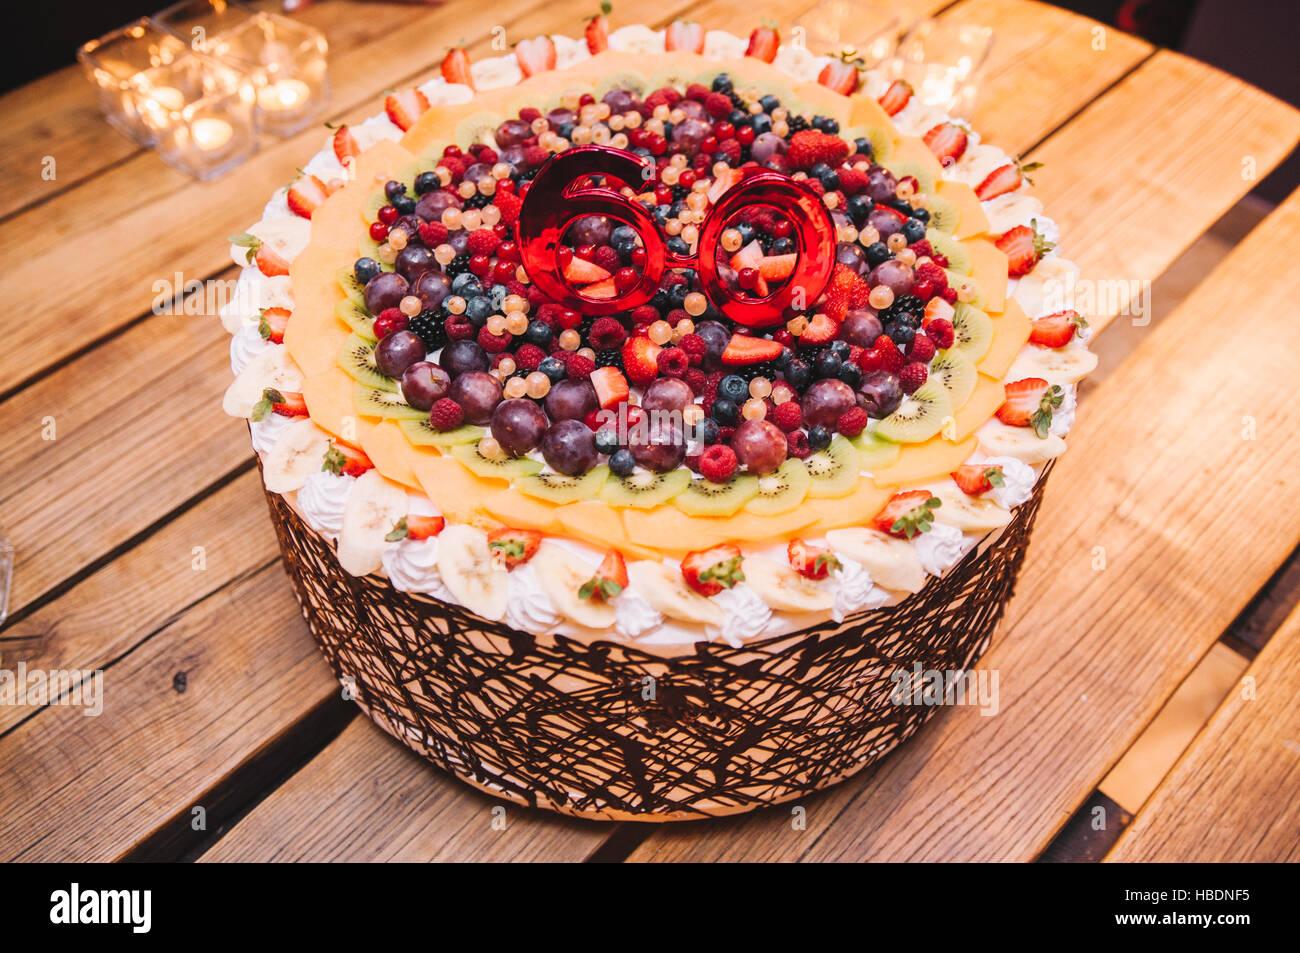 60 Geburtstag Geburtstagsfeier Obst Und Schokolade Kuchen Stockfoto